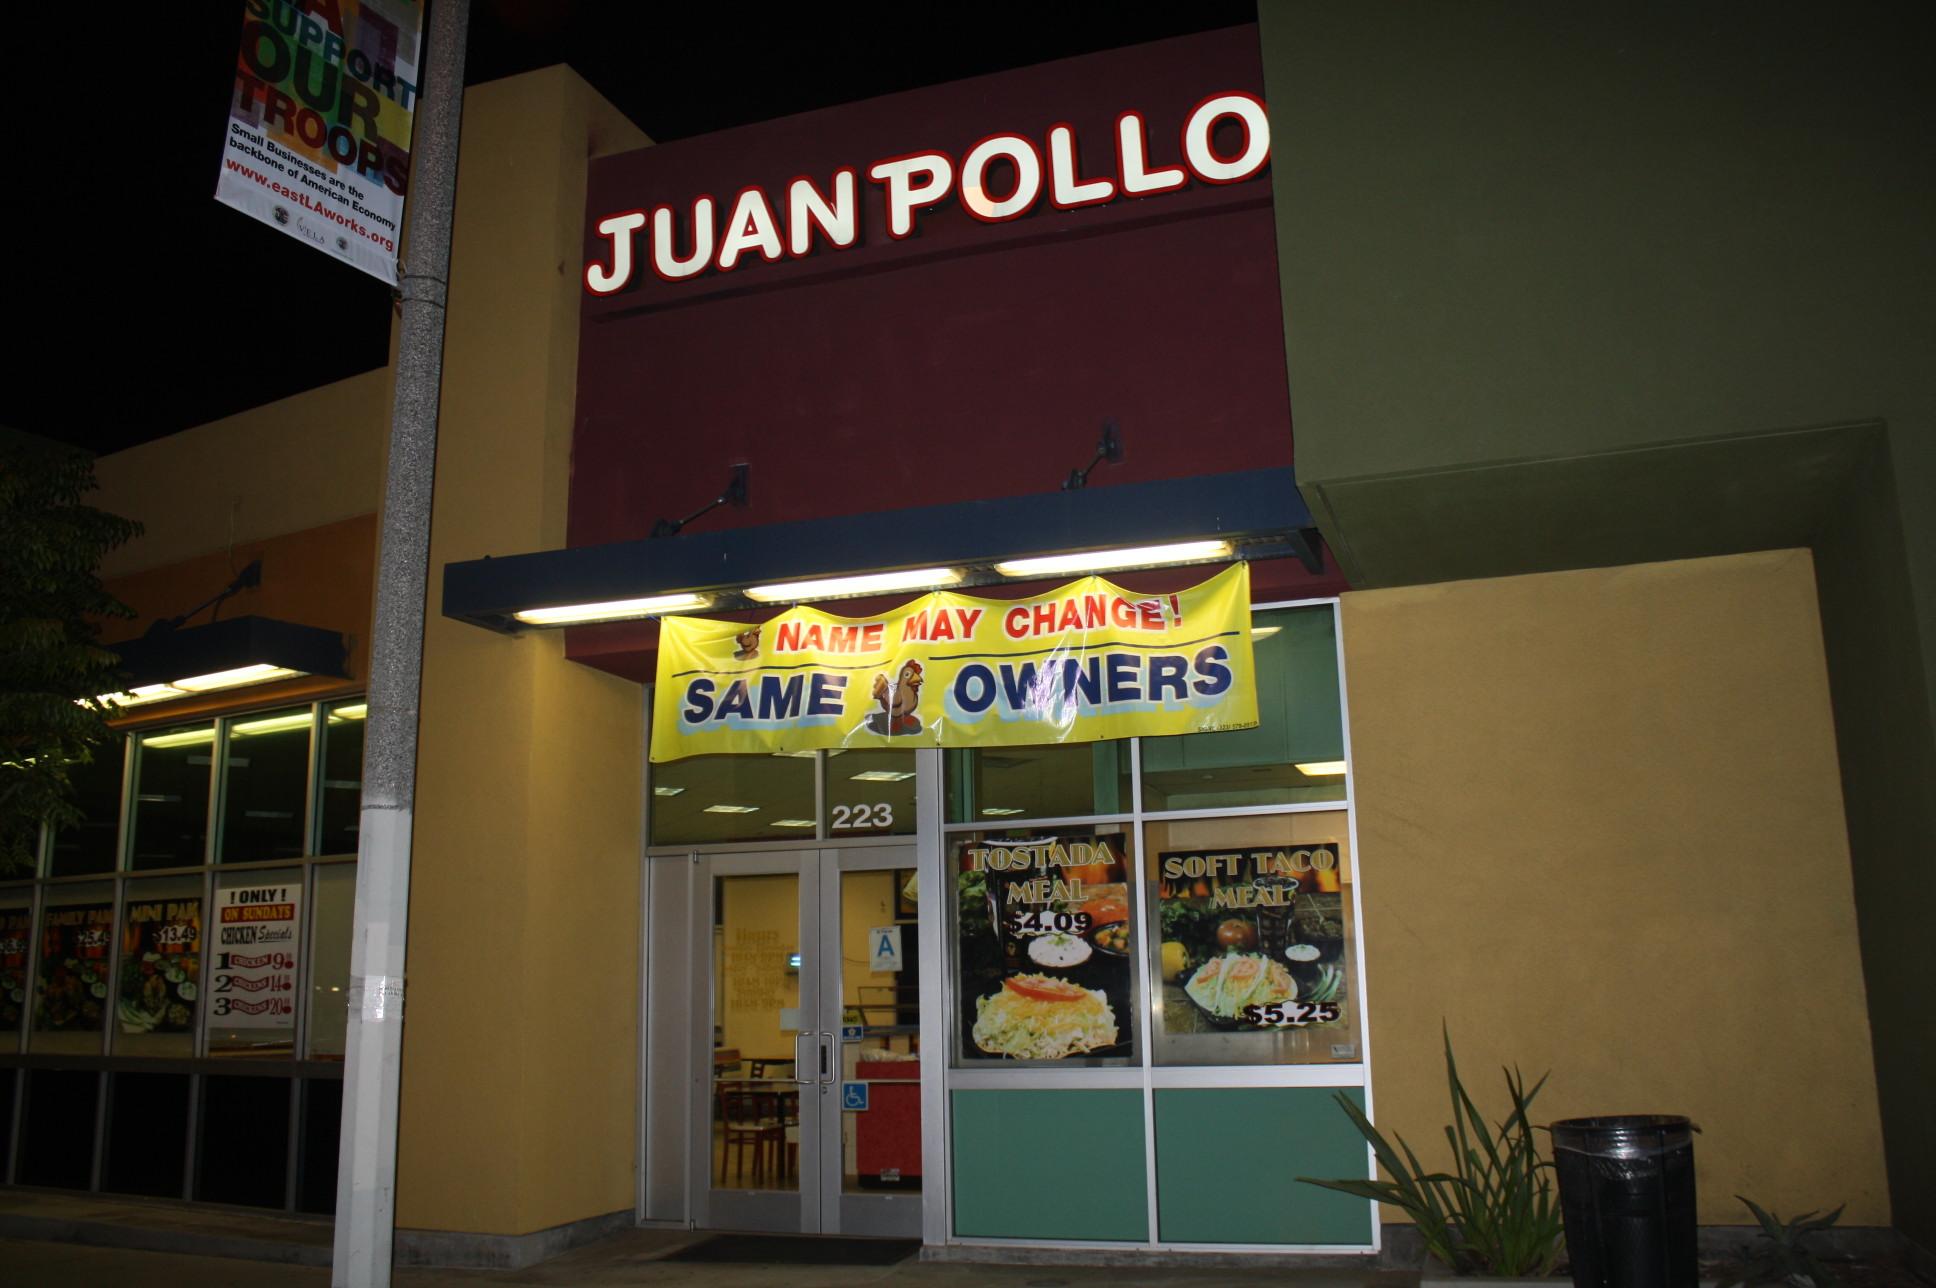 Fachada de Juan Pollo, en la Avenida Mednik, a unos pasos de la estación East LA Civic Center del tren ligero de Metro. (Foto Agustín Durán/El Pasajero).